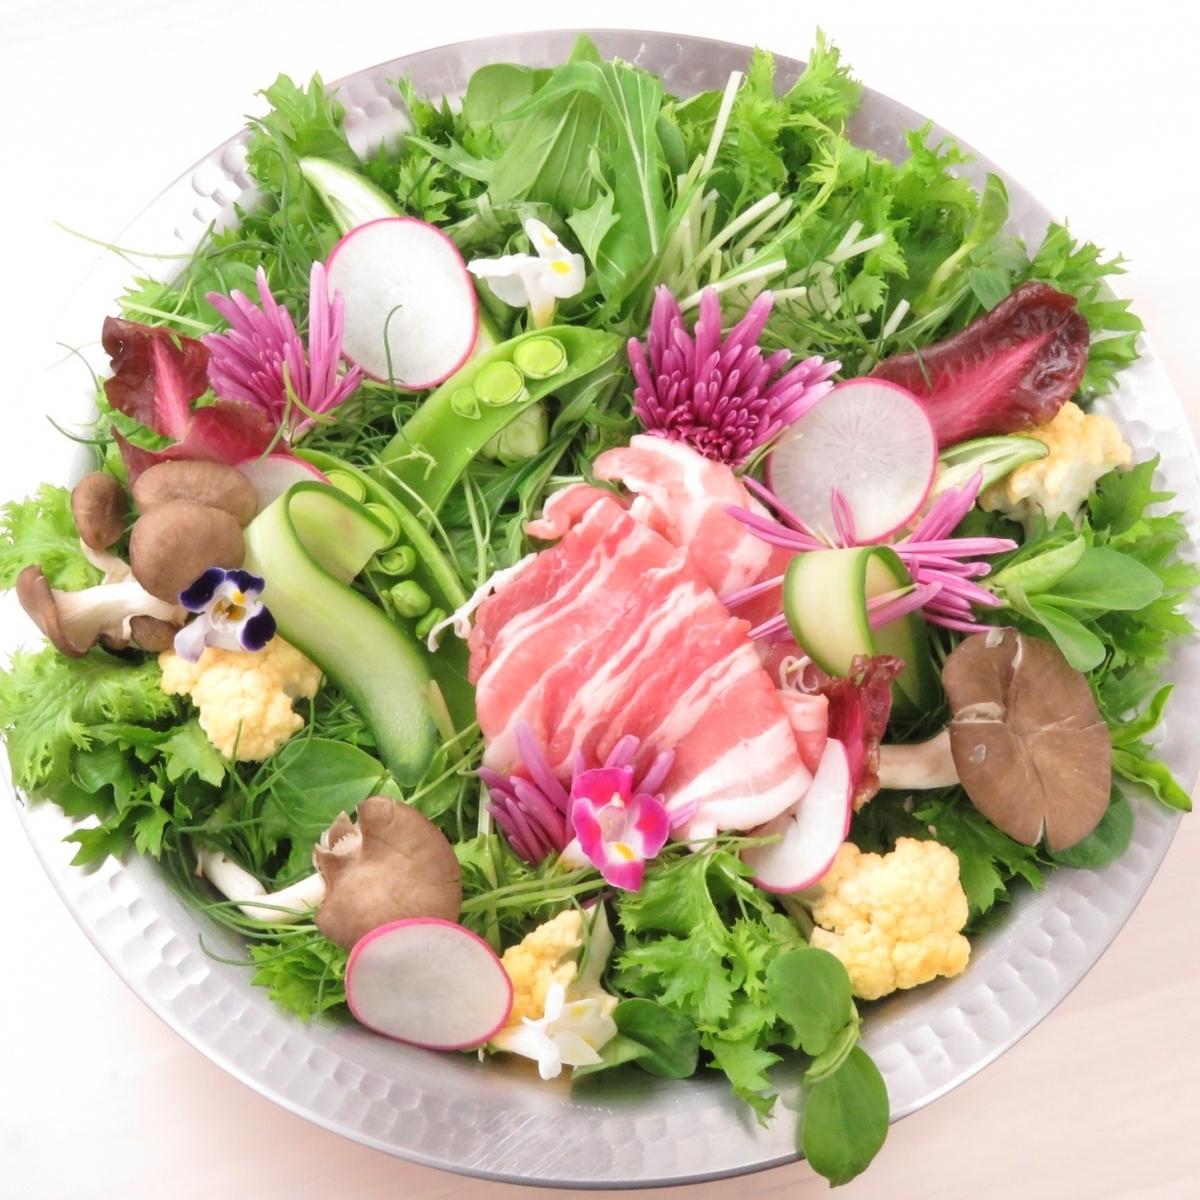 Shabu-shabu hot pot of 10 kinds of vegetables